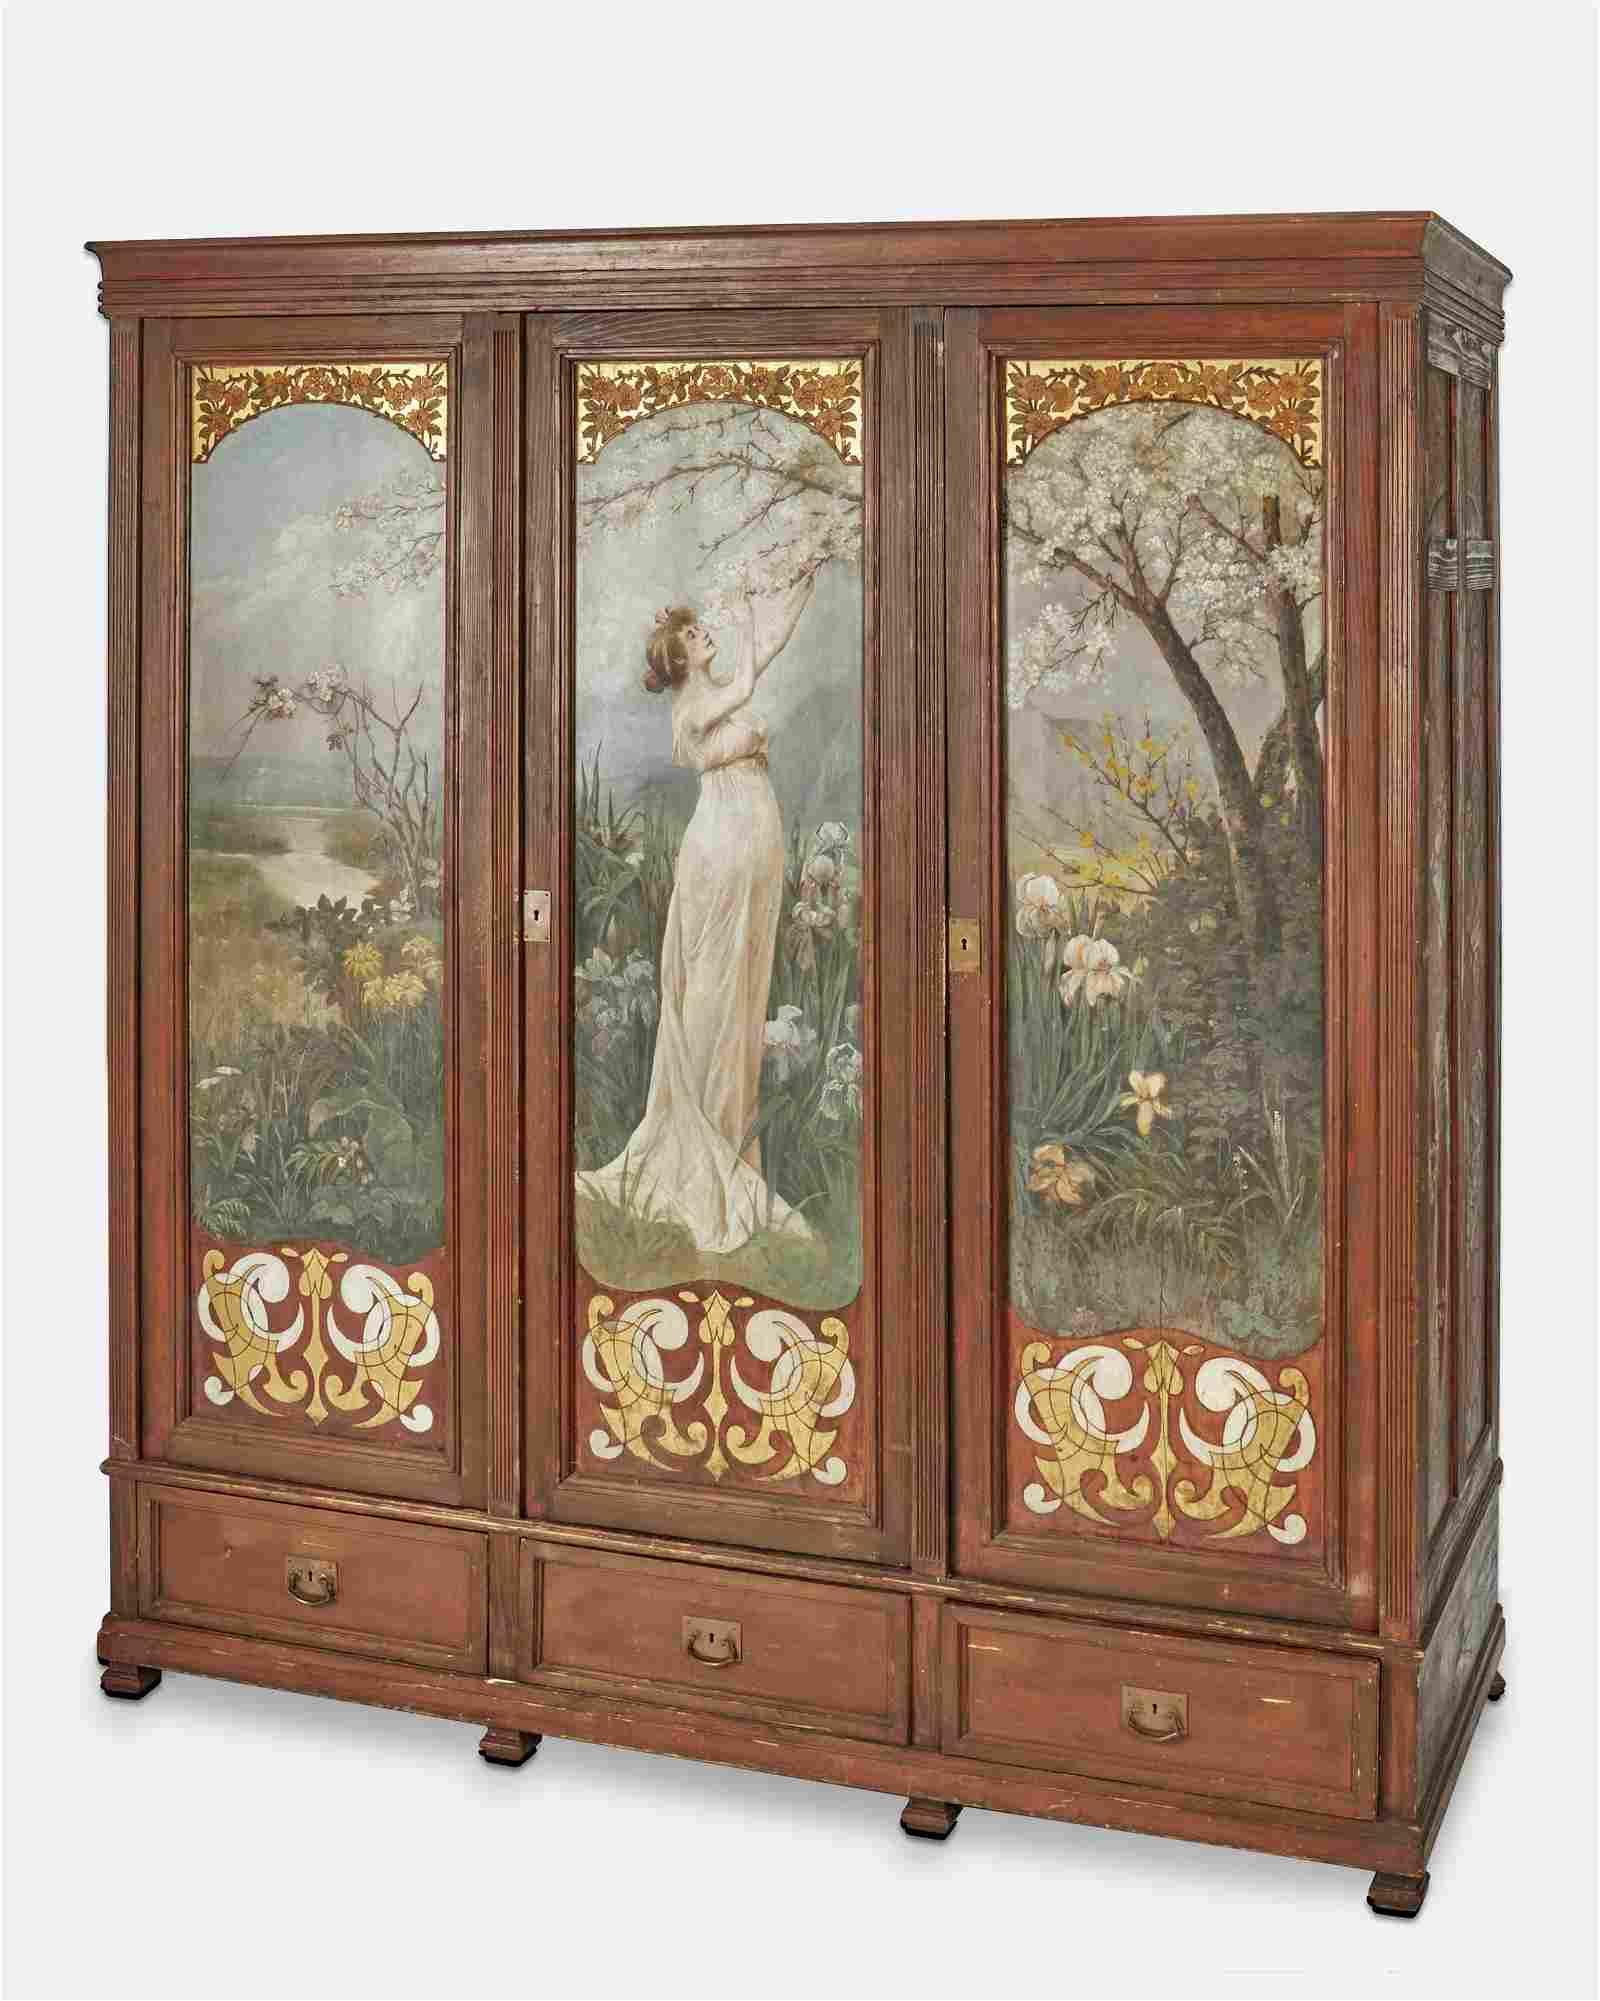 An Art Nouveau hand-painted armoire